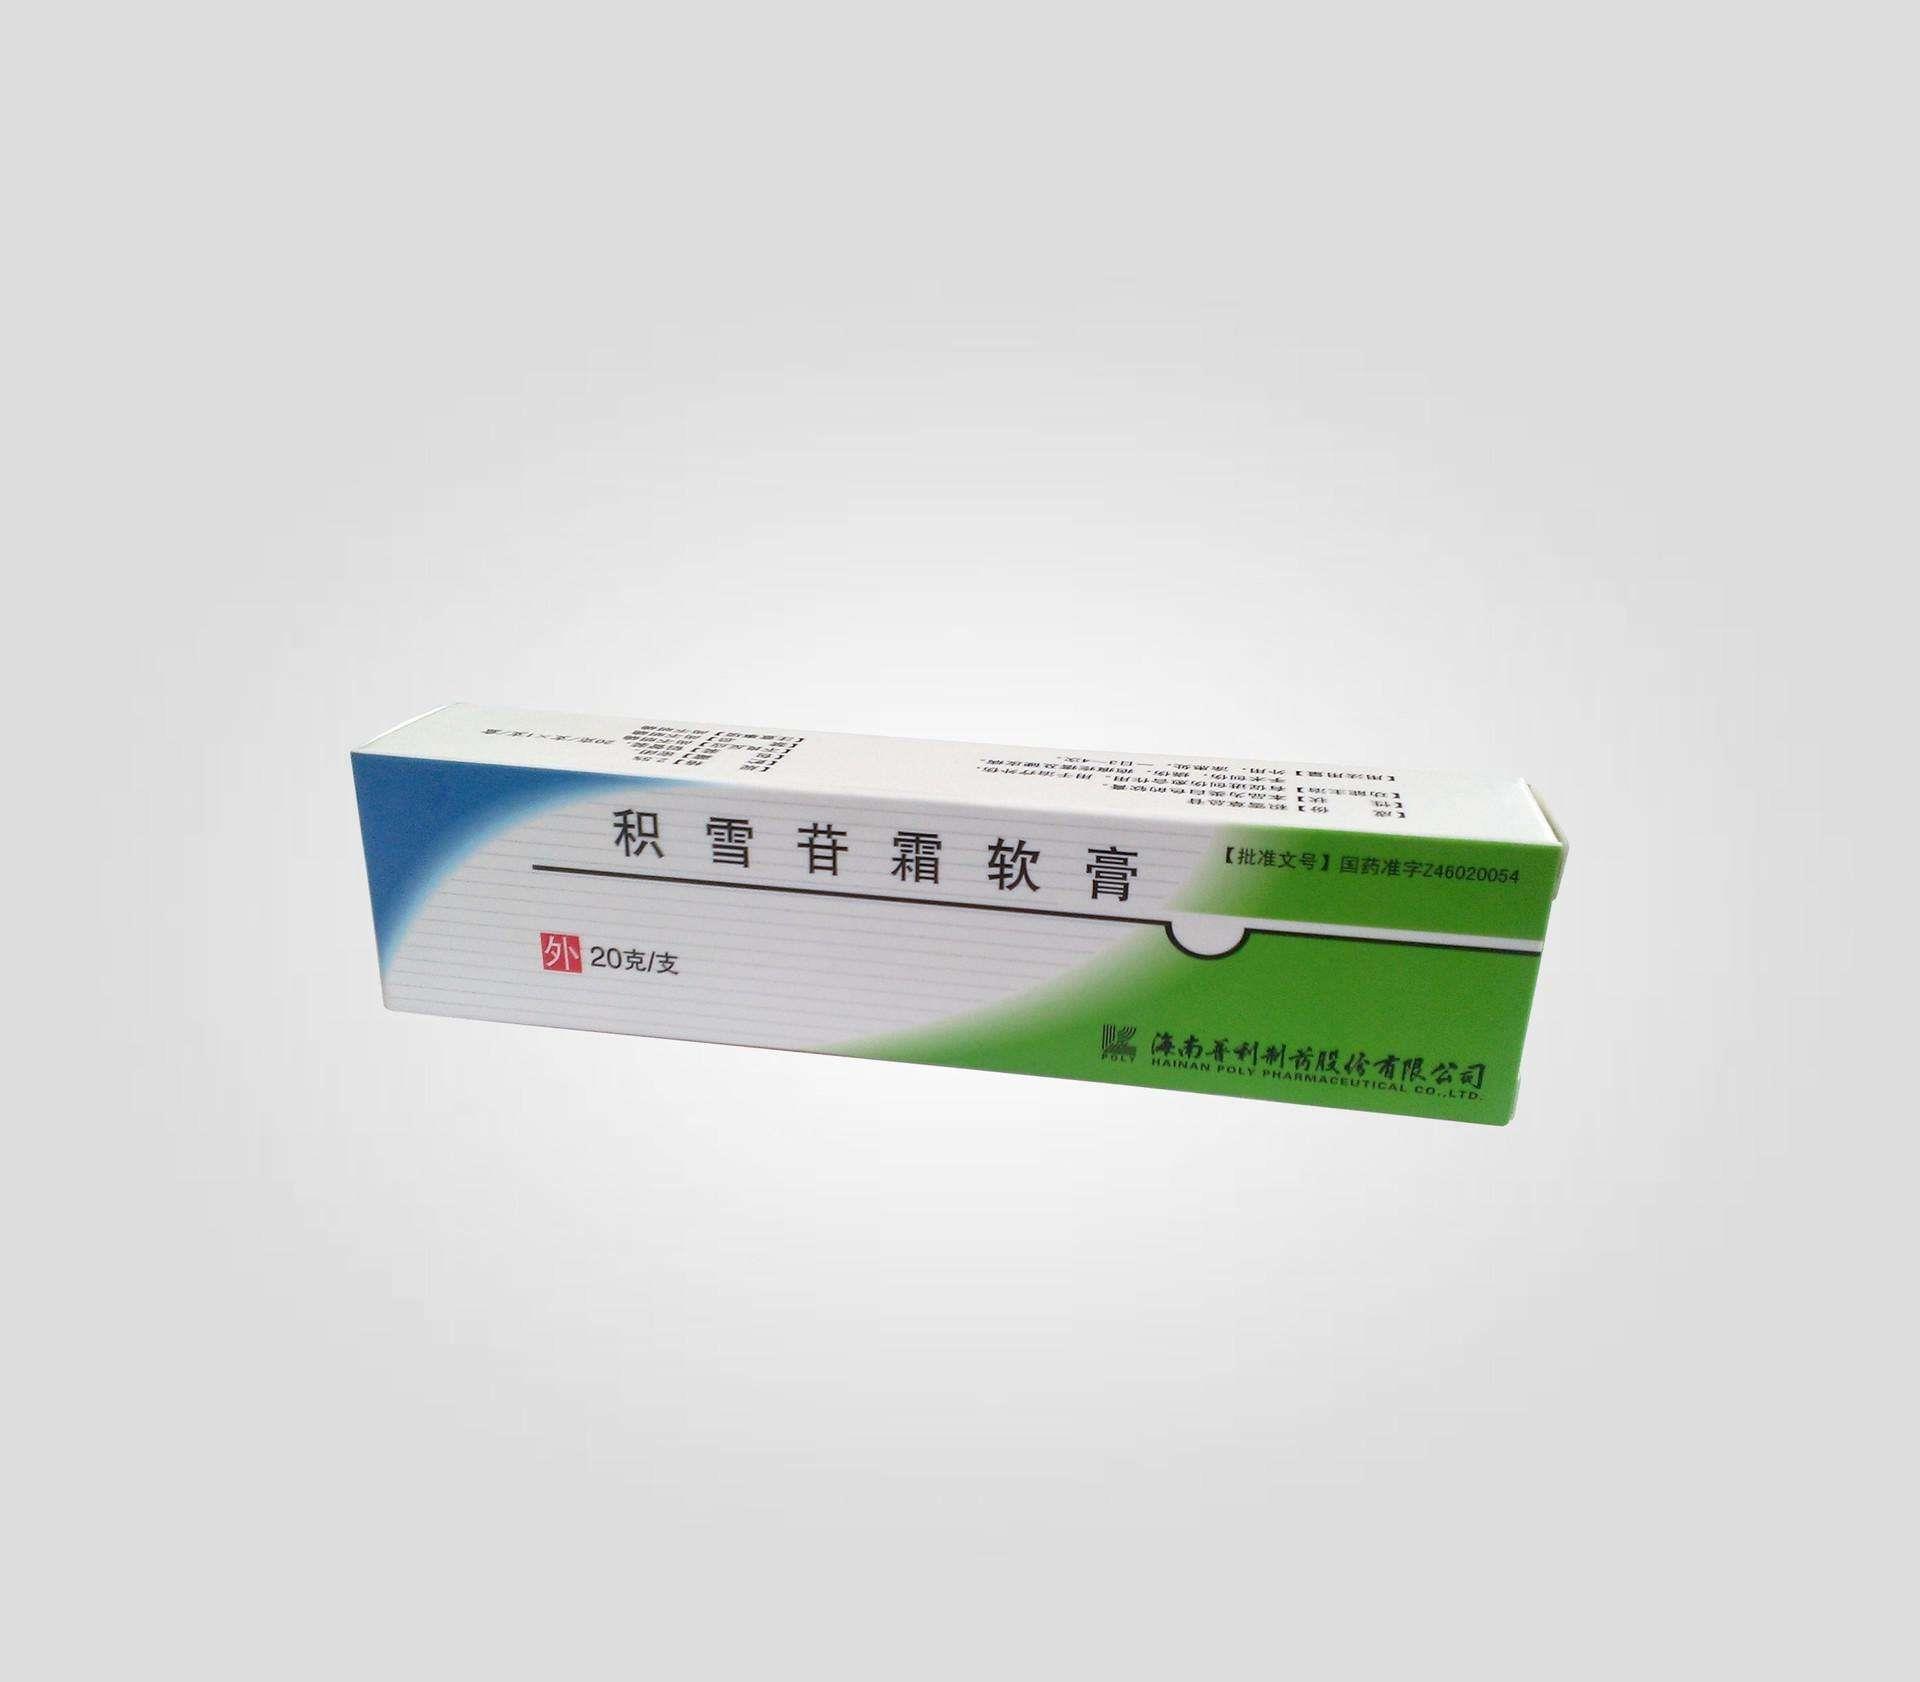 北京方法定制6人小汽车的乐高药盒玩具图片